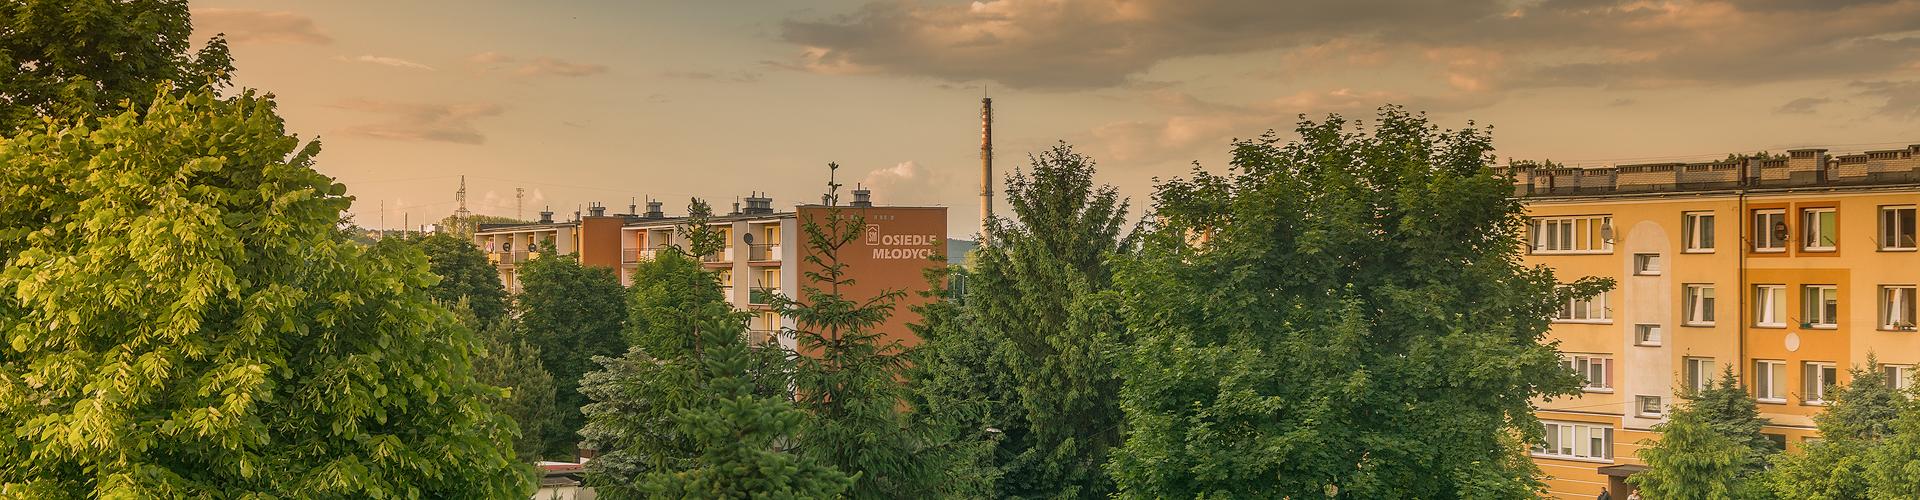 Spółdzielnia Osiedle Młodych w Gorlicach